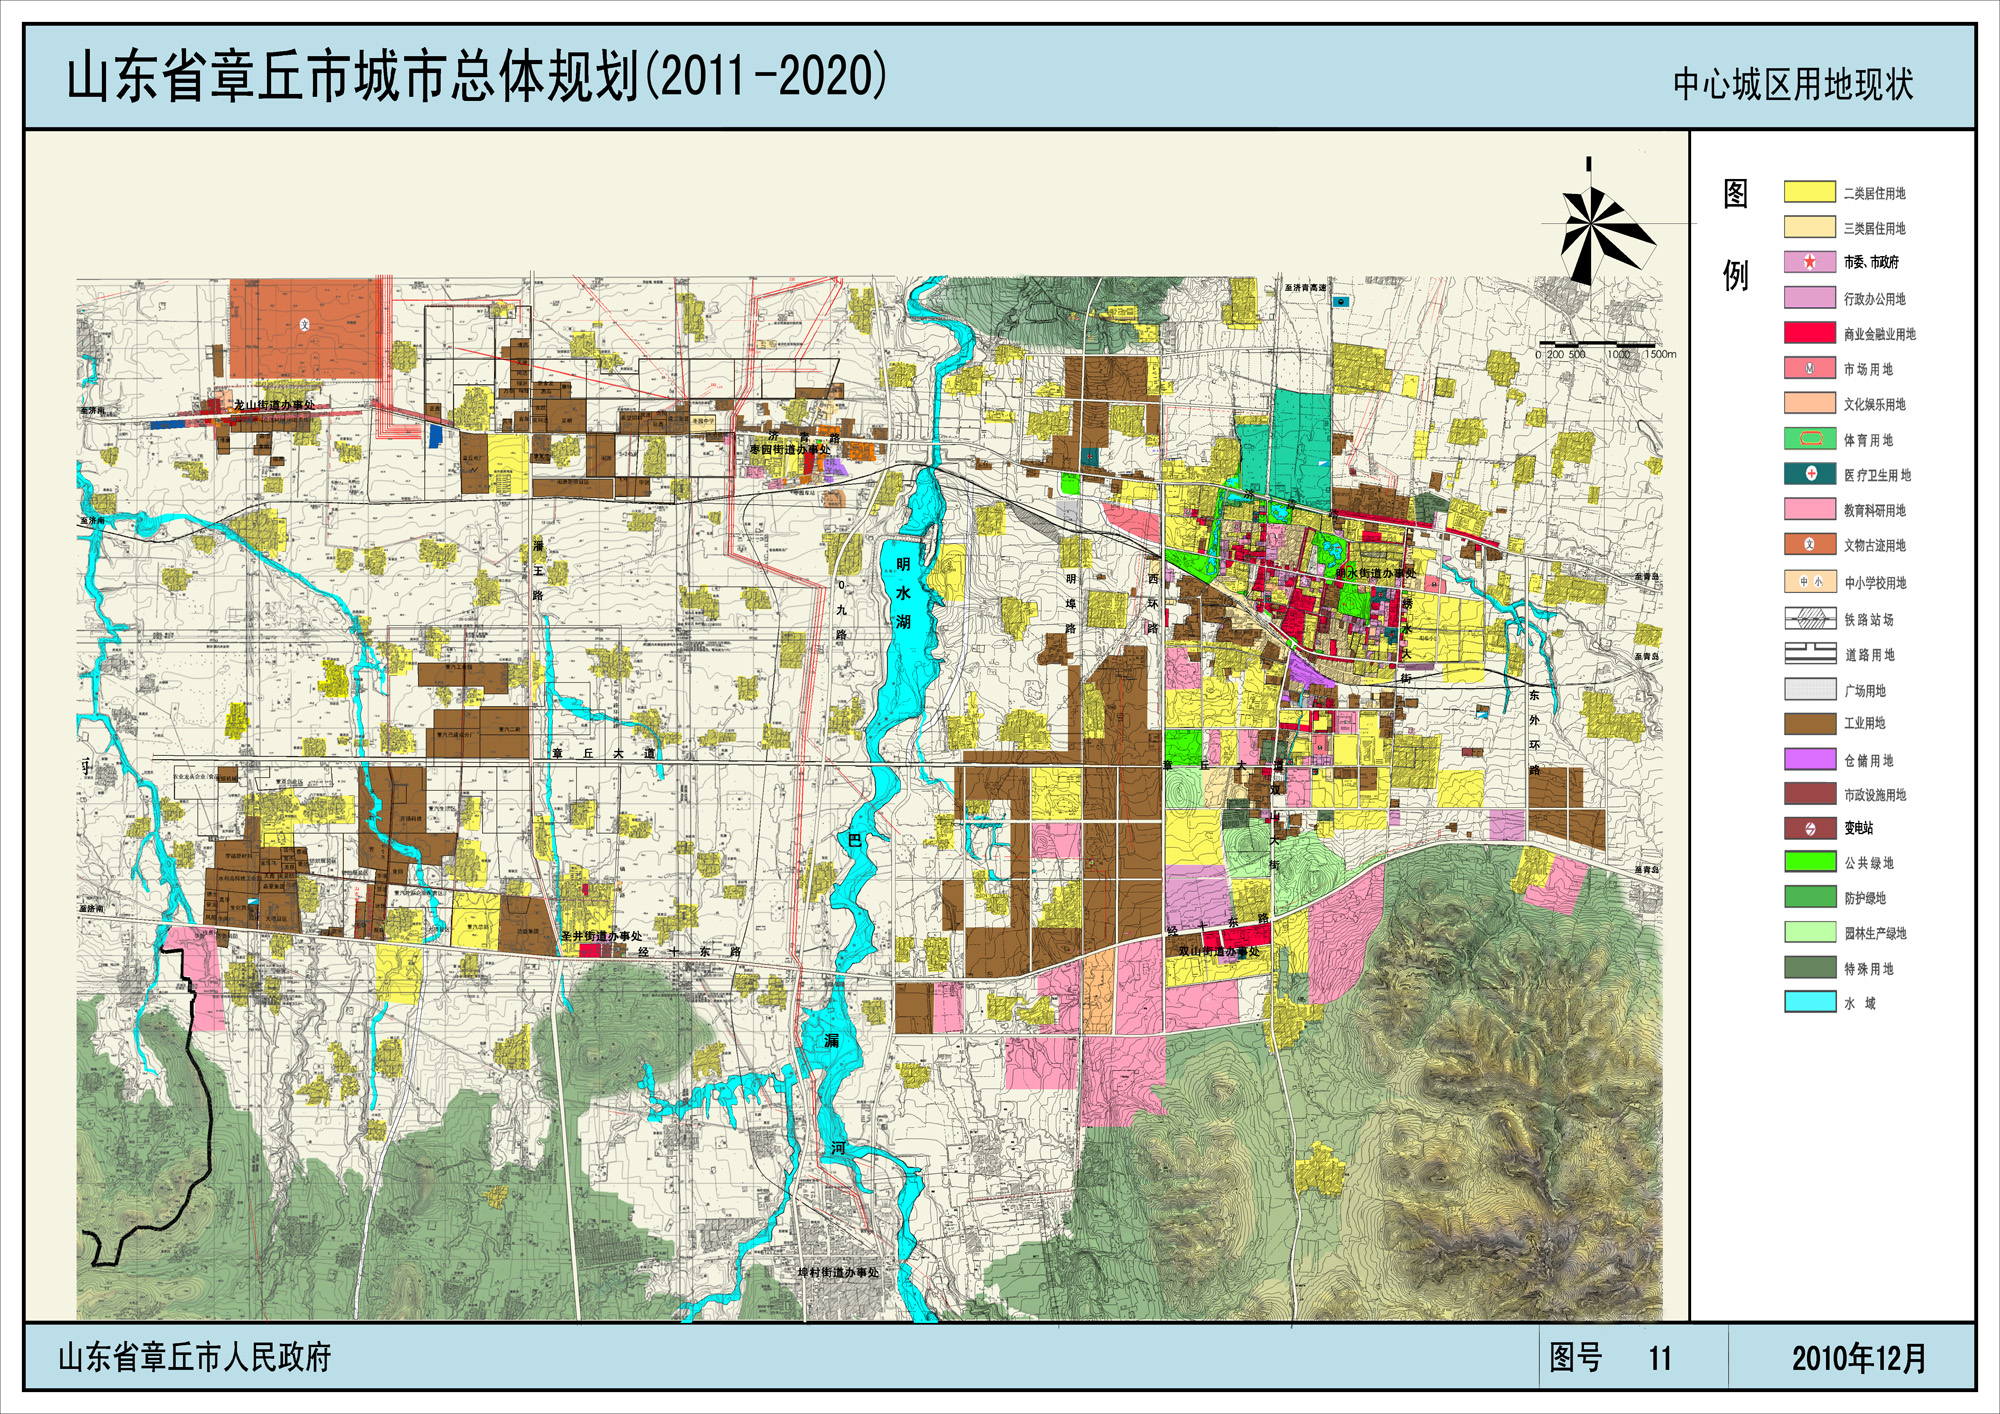 章丘市城市总体规划(2011-2020)中心城区用地现状图